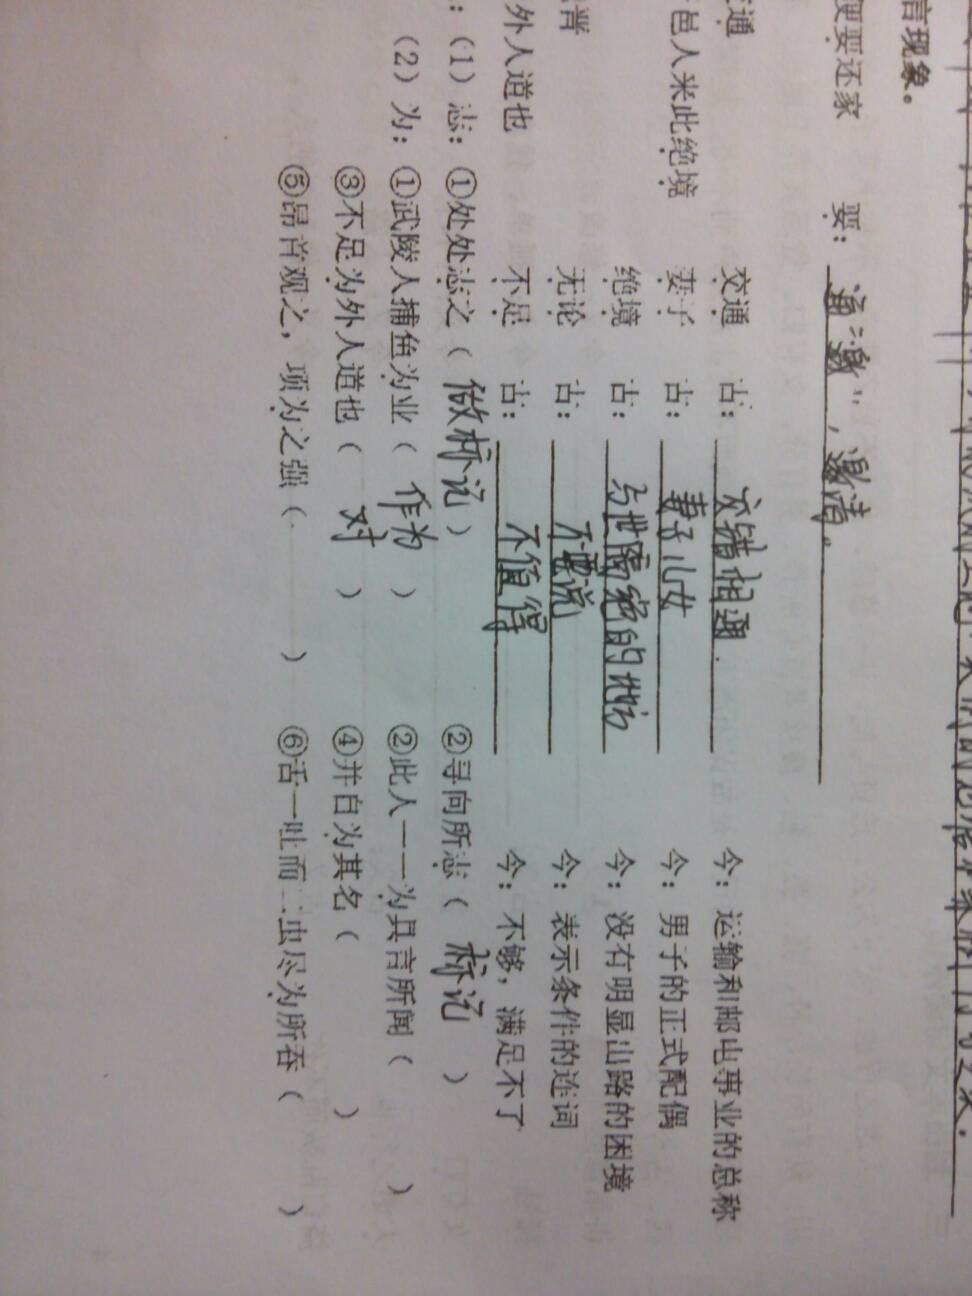 初二语文文言文字翻译图片